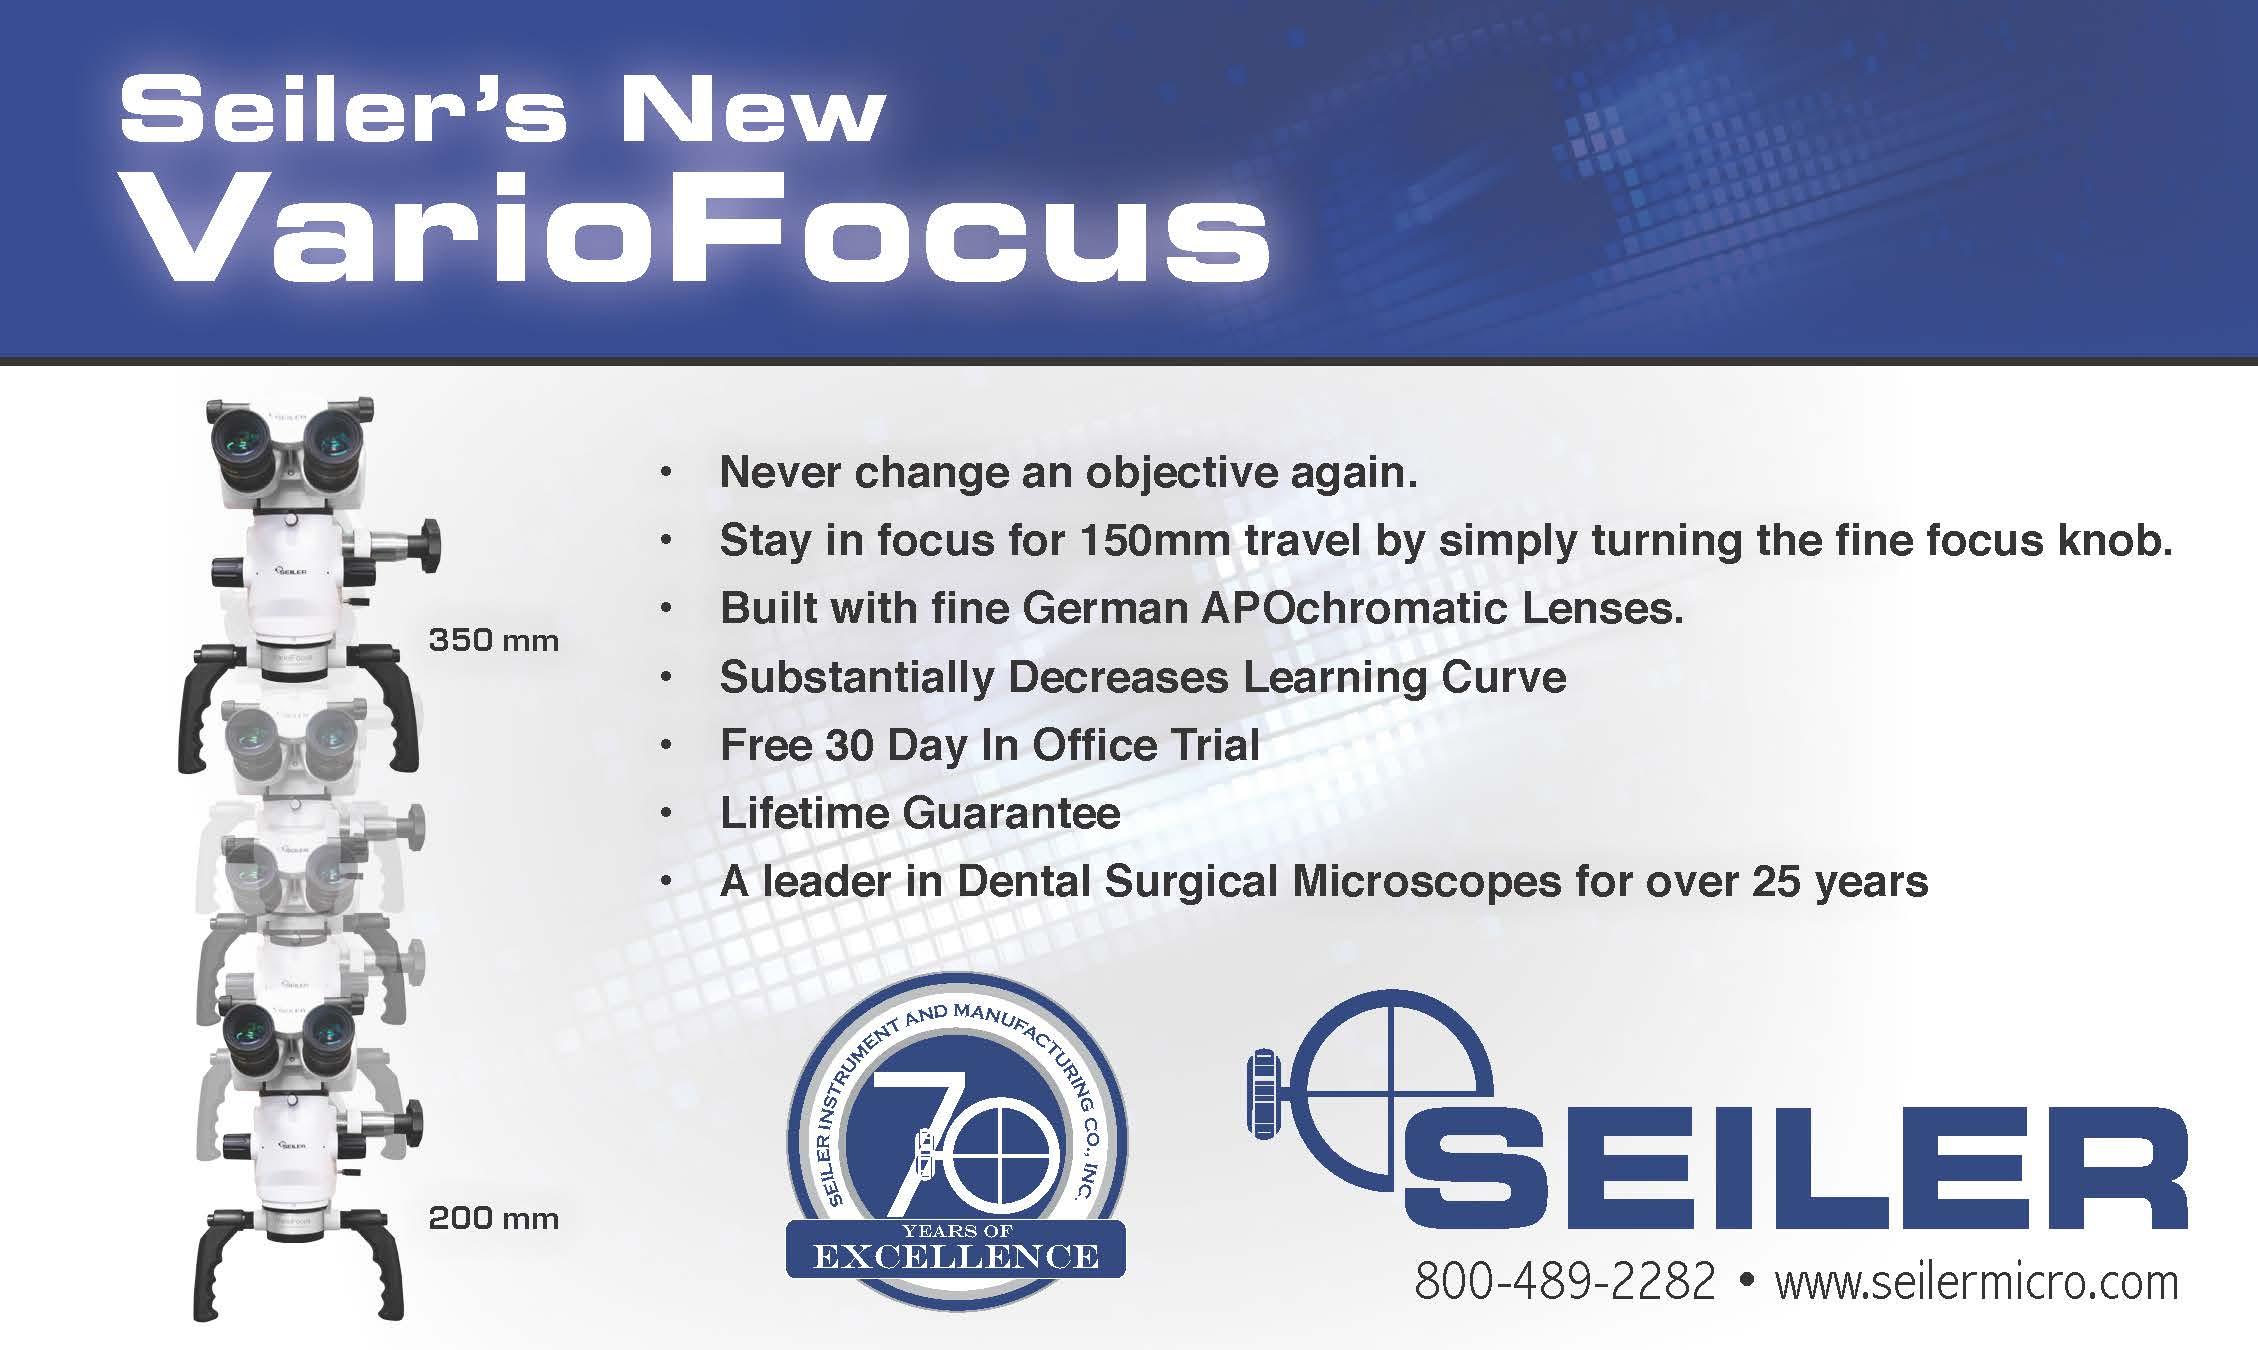 Seiler's new variofocus